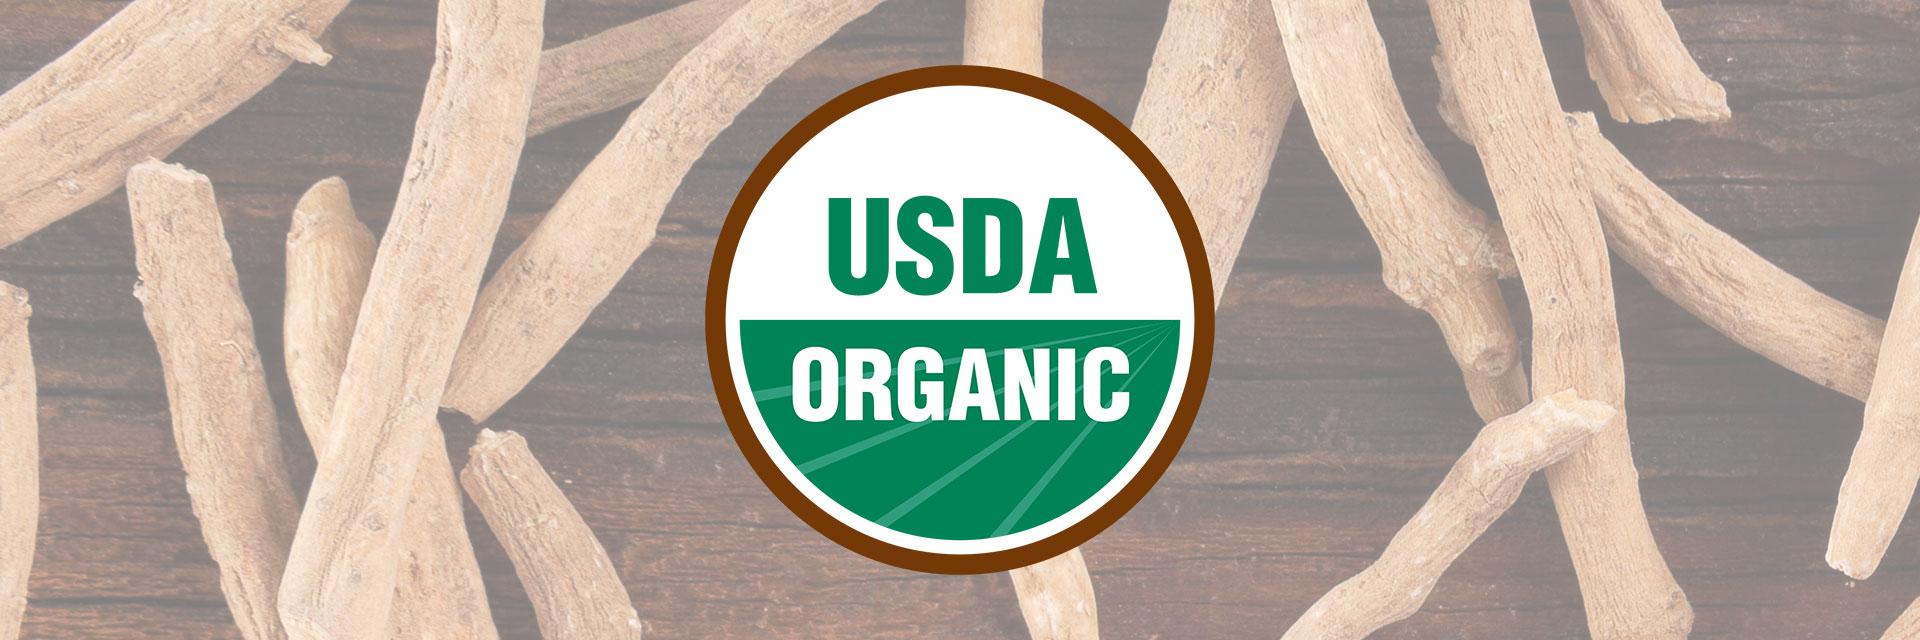 Organic Ashwagandha Certification USDA Organic